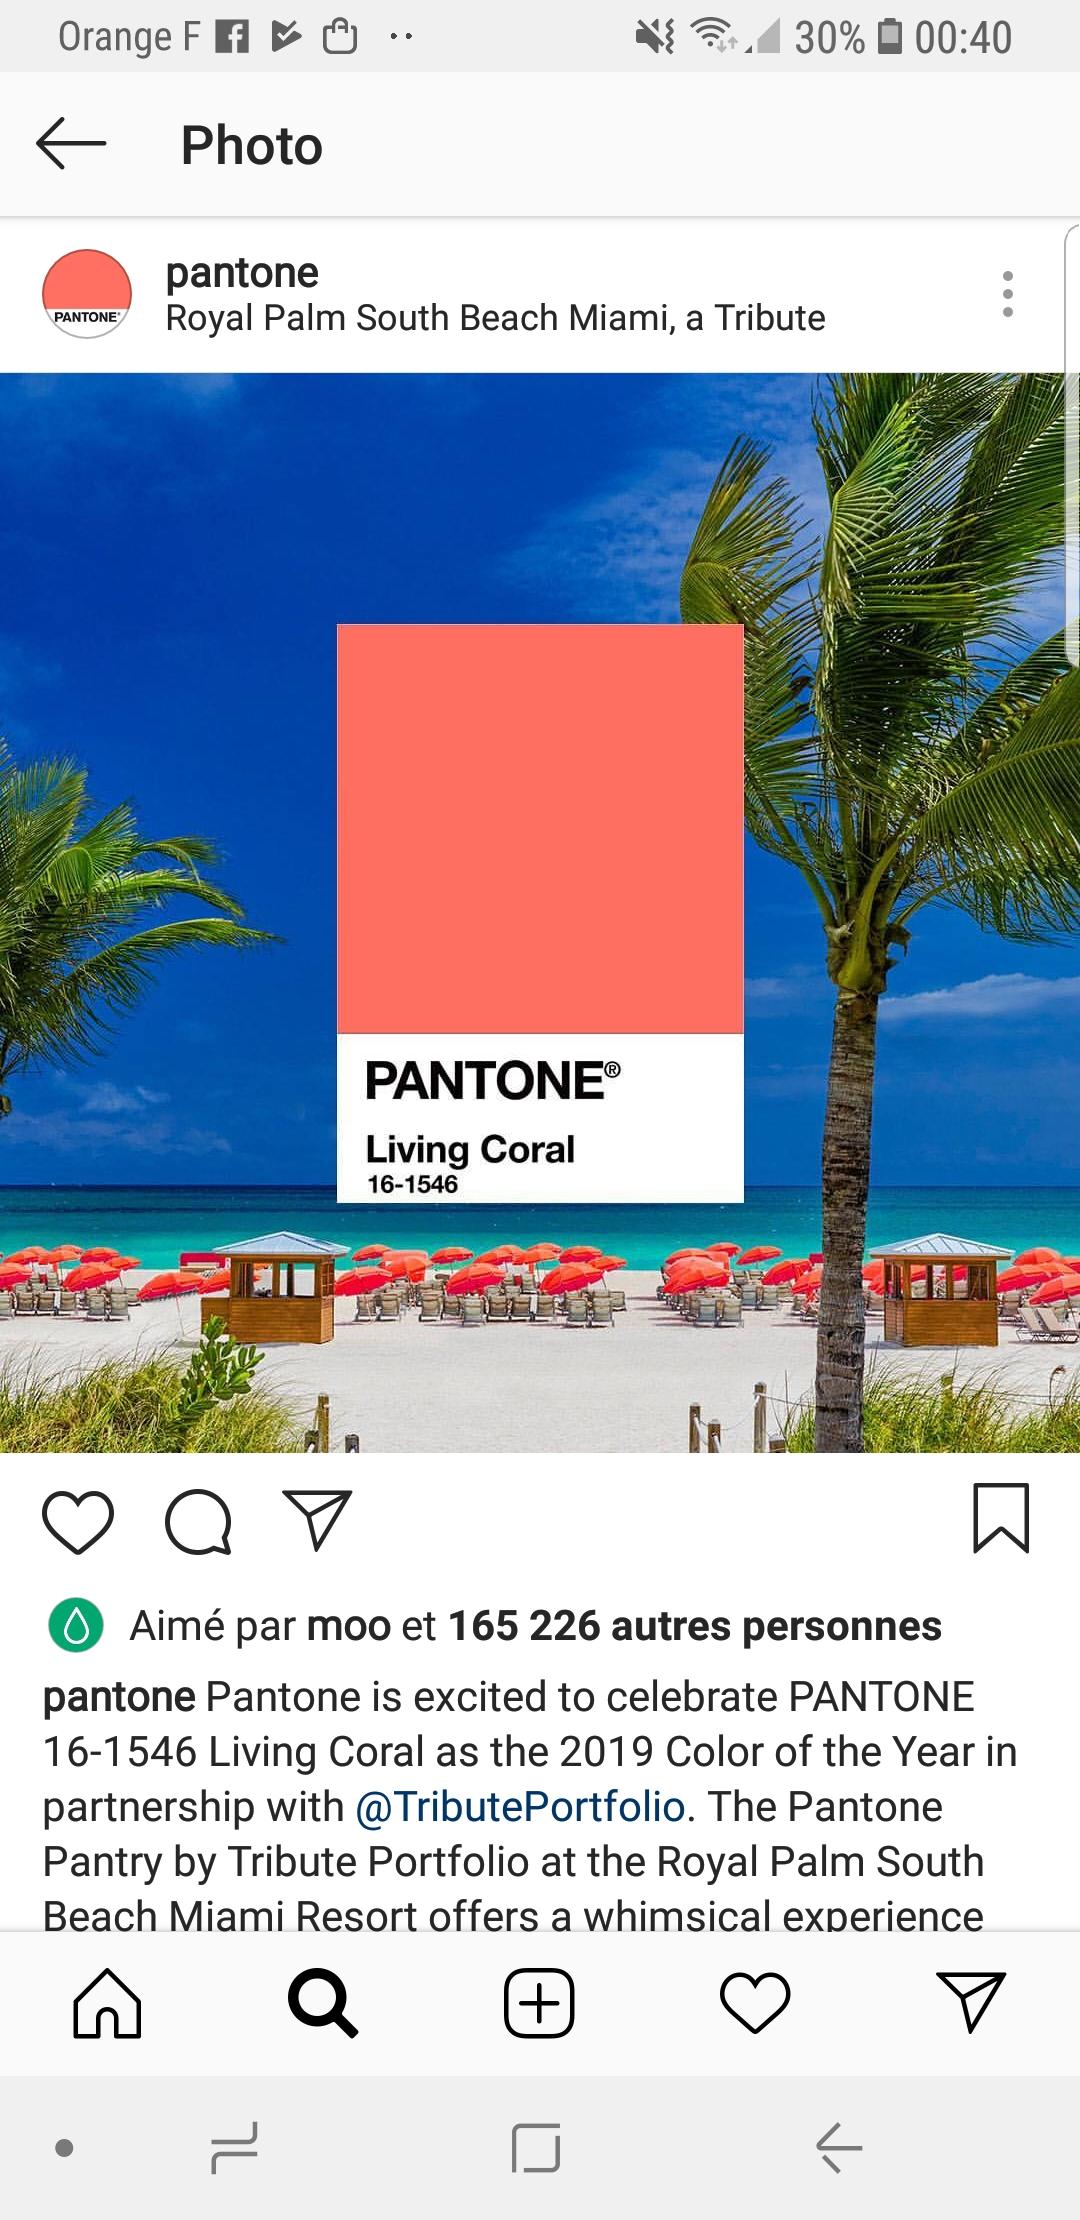 Pantone-living-coral-color-of-the-year-insta-screenshot.jpg